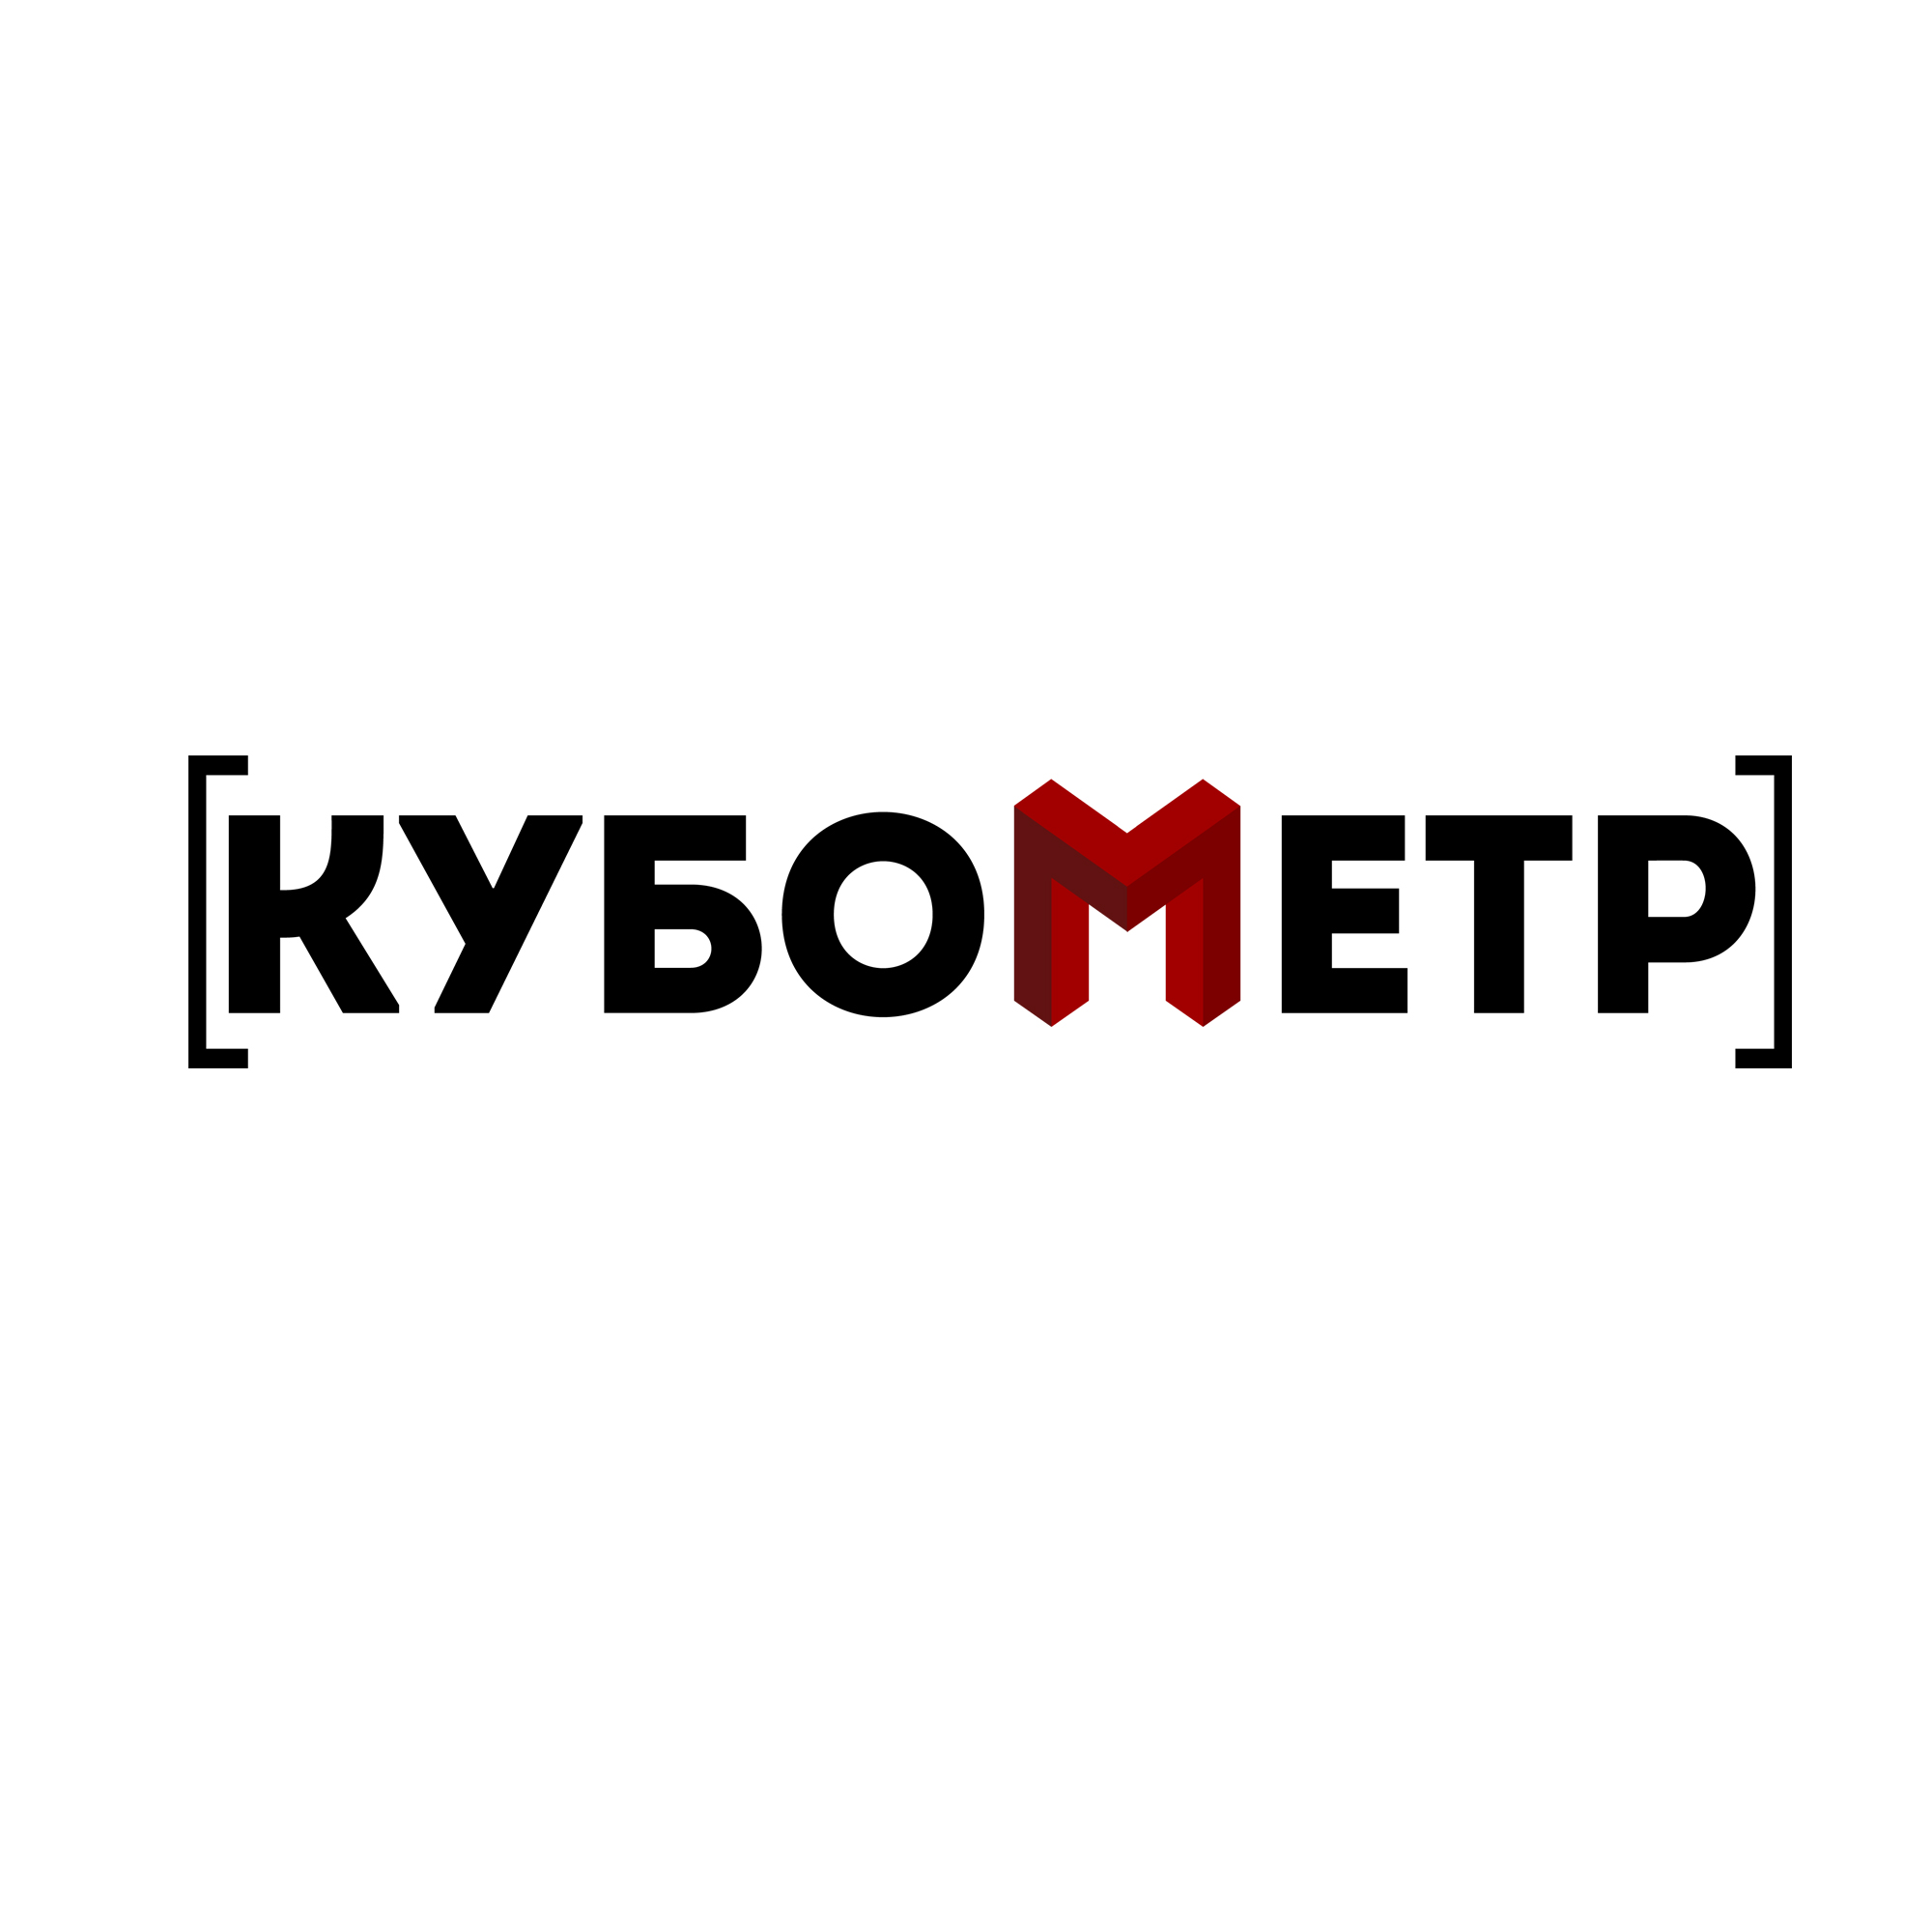 Работа в иркутске свежие вакансии, новое порно случайно кончил